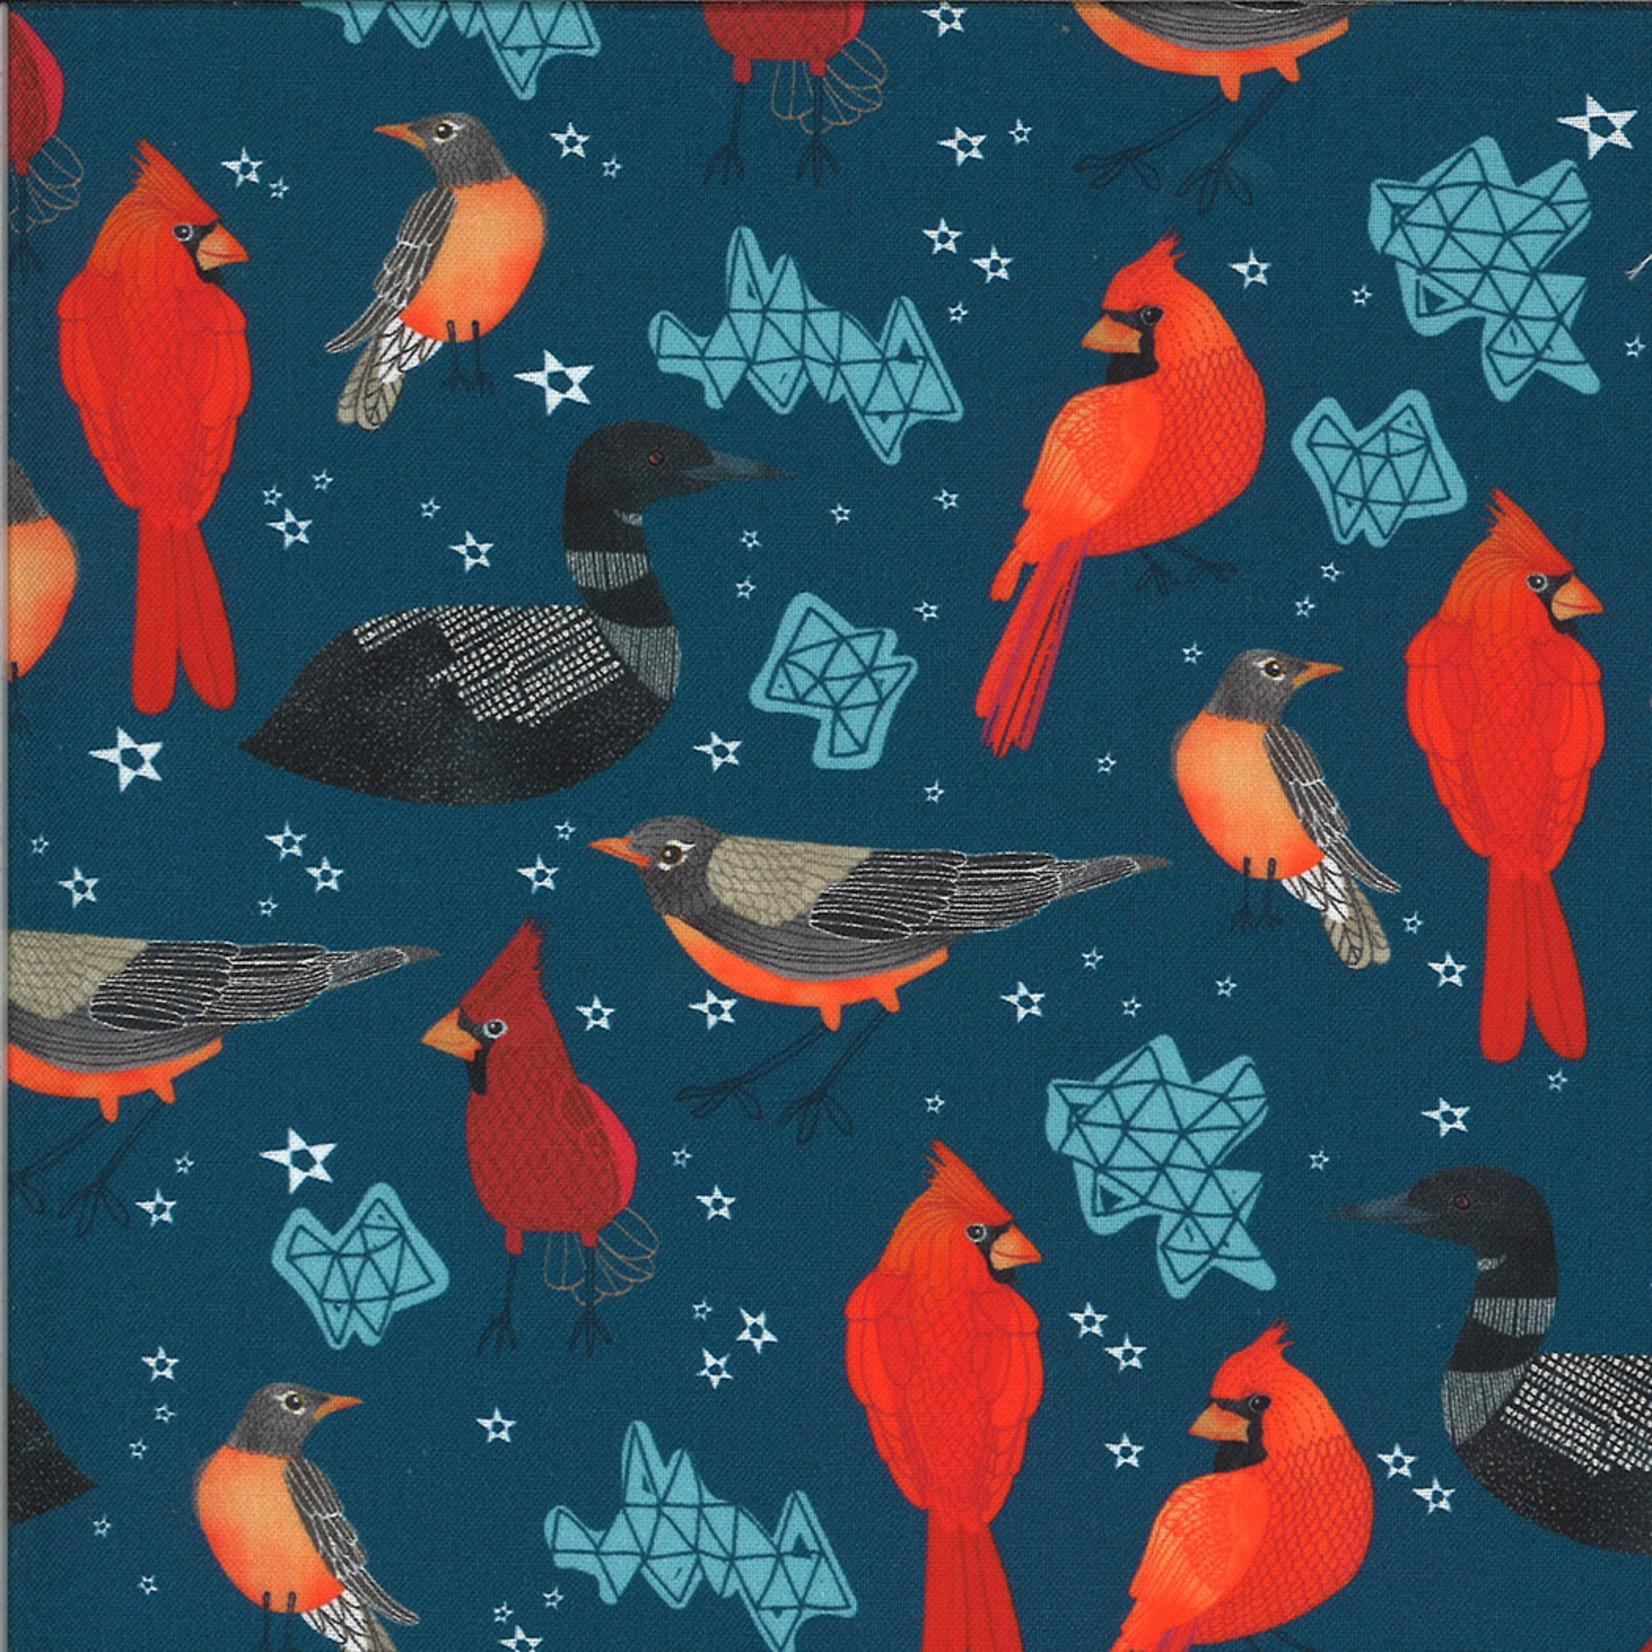 Moda Lakeside Story, Birds, Sailcloth Navy (513351-12) $0.20 per cm or $20/m